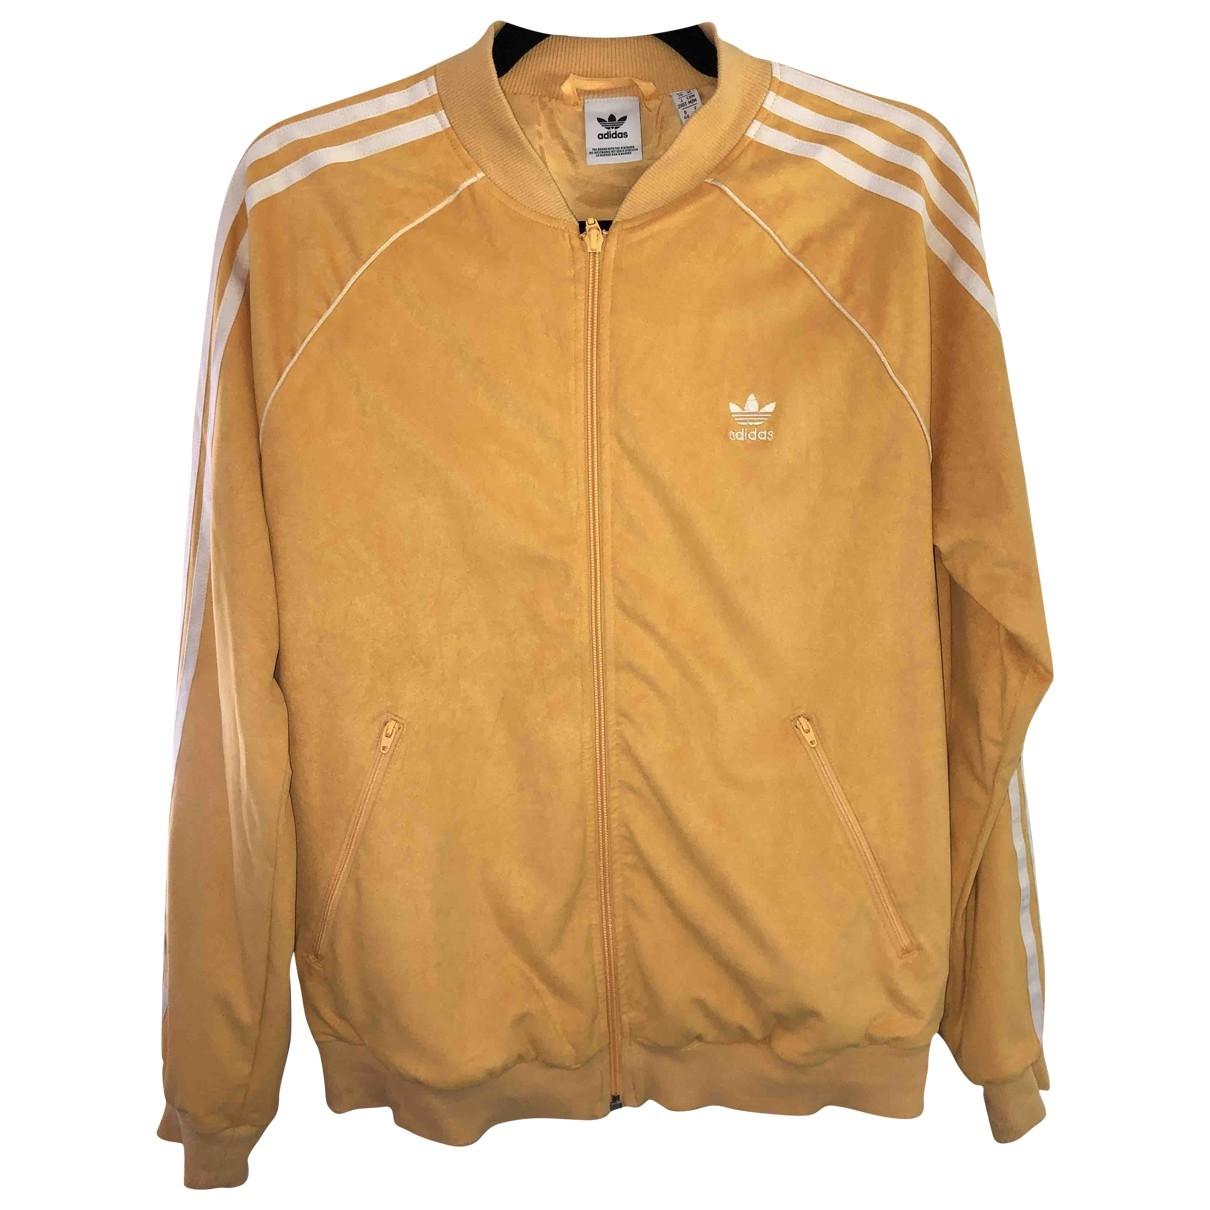 Adidas \N Jacke in  Gelb Veloursleder